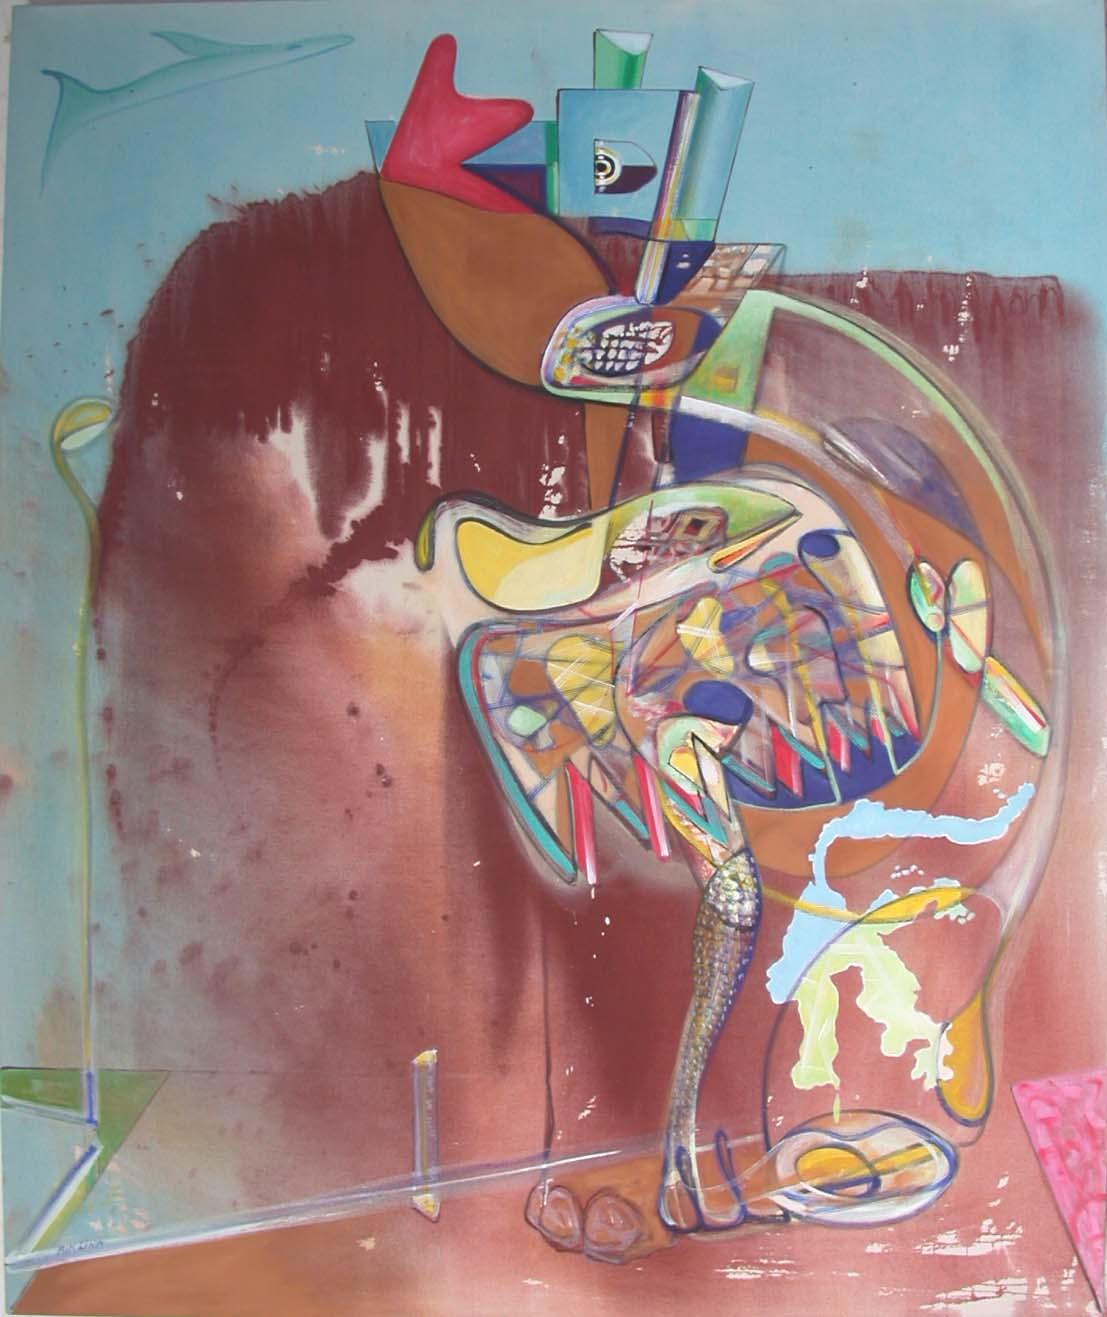 2001 the elephant of sulawesi 180x150